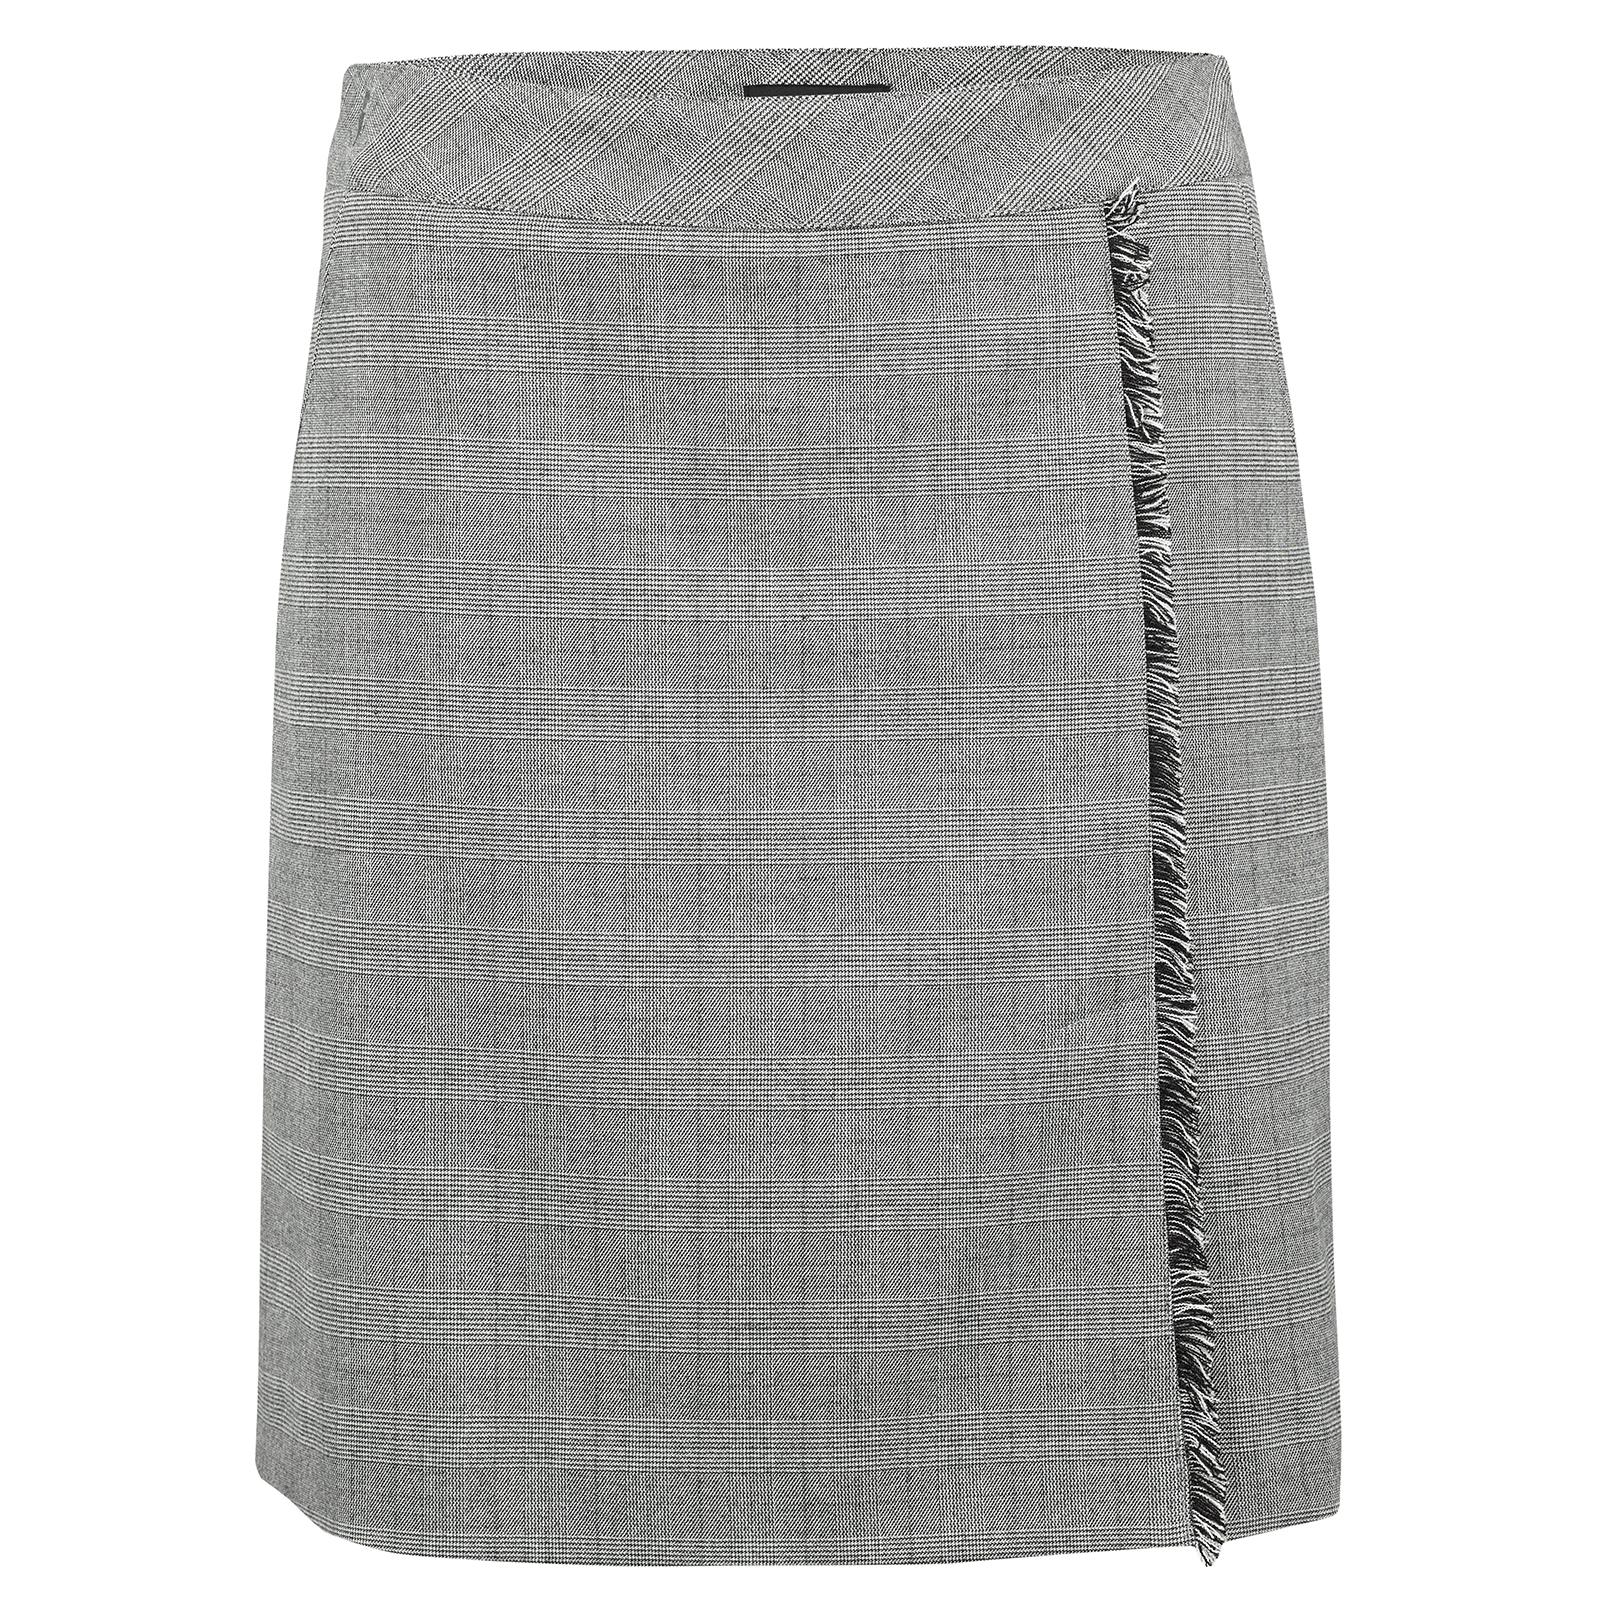 Damen Golfskort aus exklusivem Stretchmaterial mit eingearbeiteten Shorts